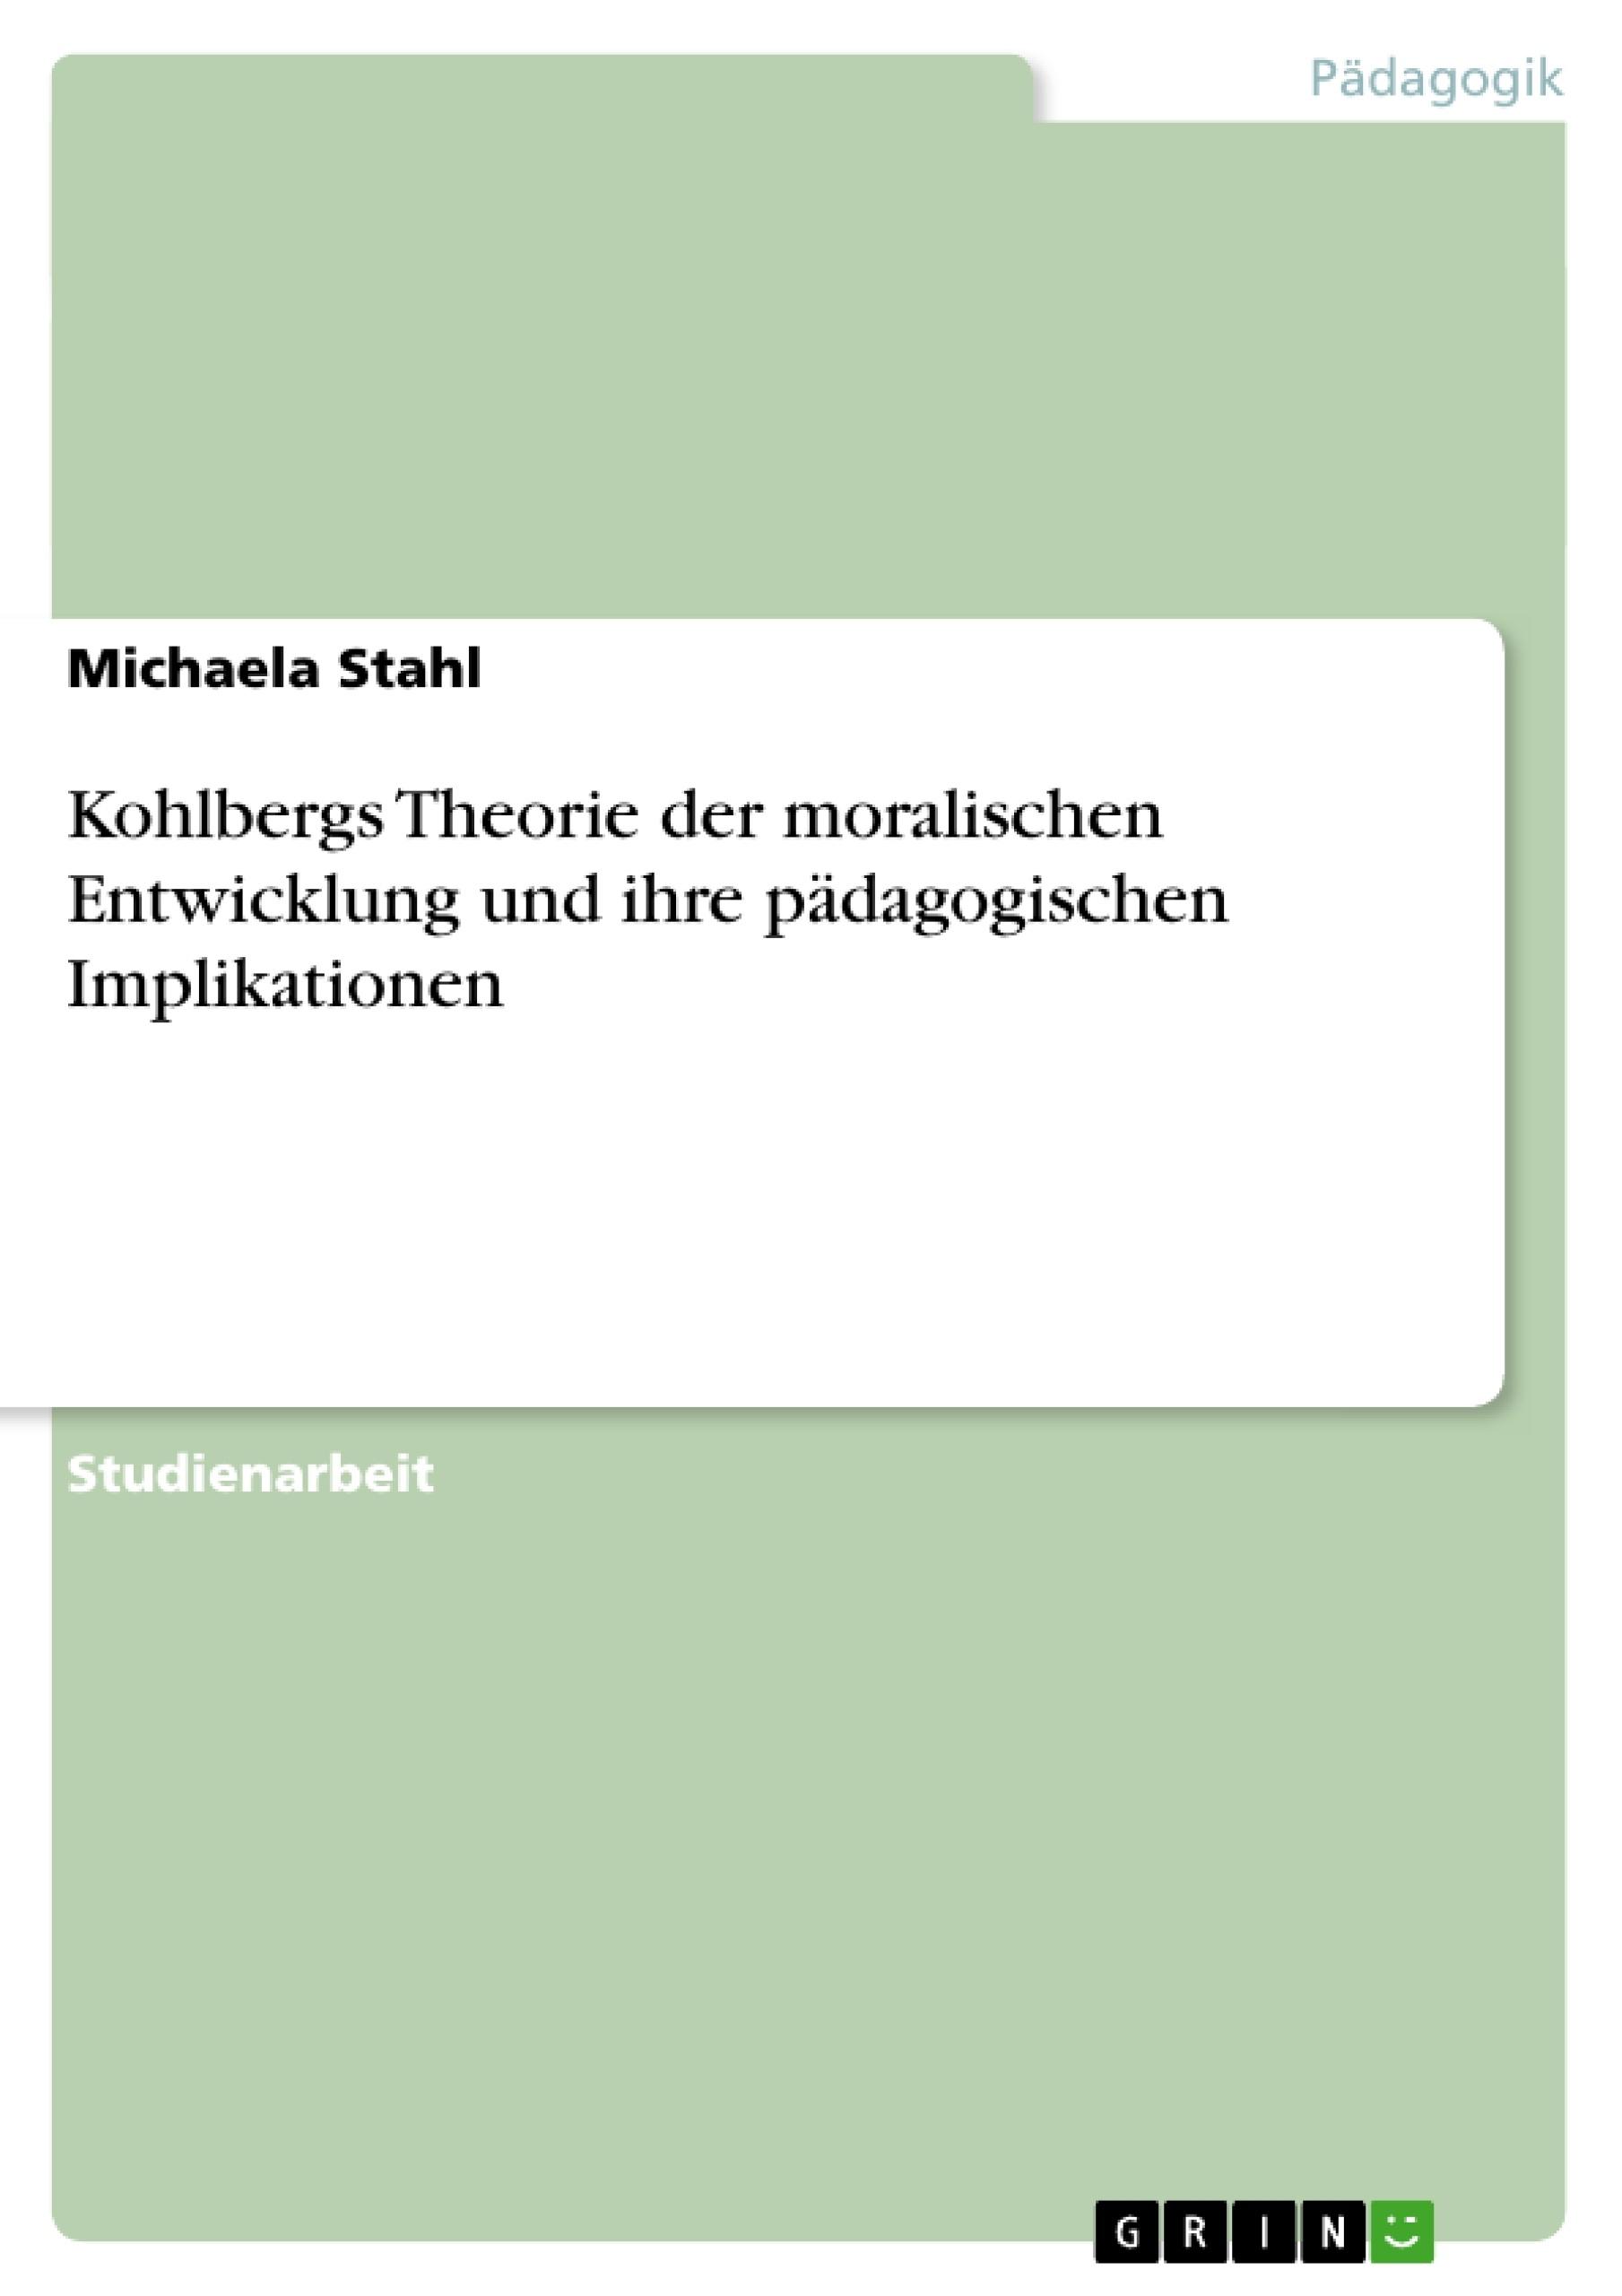 Titel: Kohlbergs Theorie der moralischen Entwicklung und ihre pädagogischen Implikationen